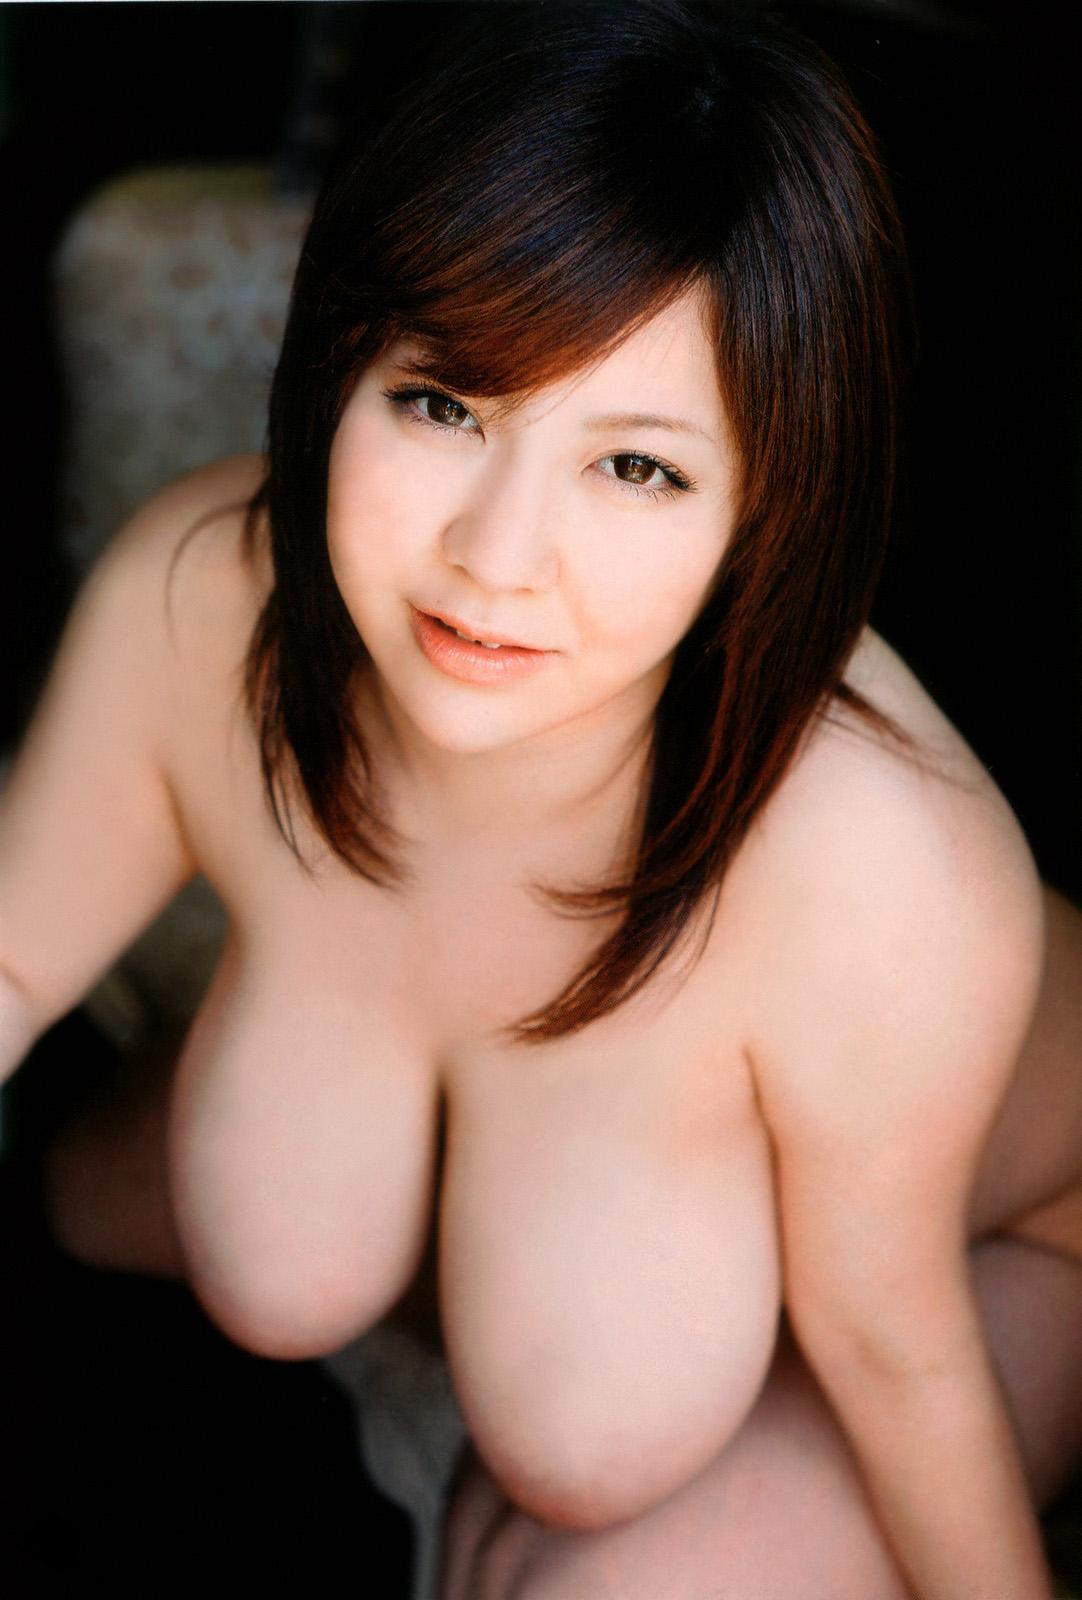 【おっぱい】好きなAV女優を見つけるのに使える顔出しおっぱいヌード画像【33枚】 06